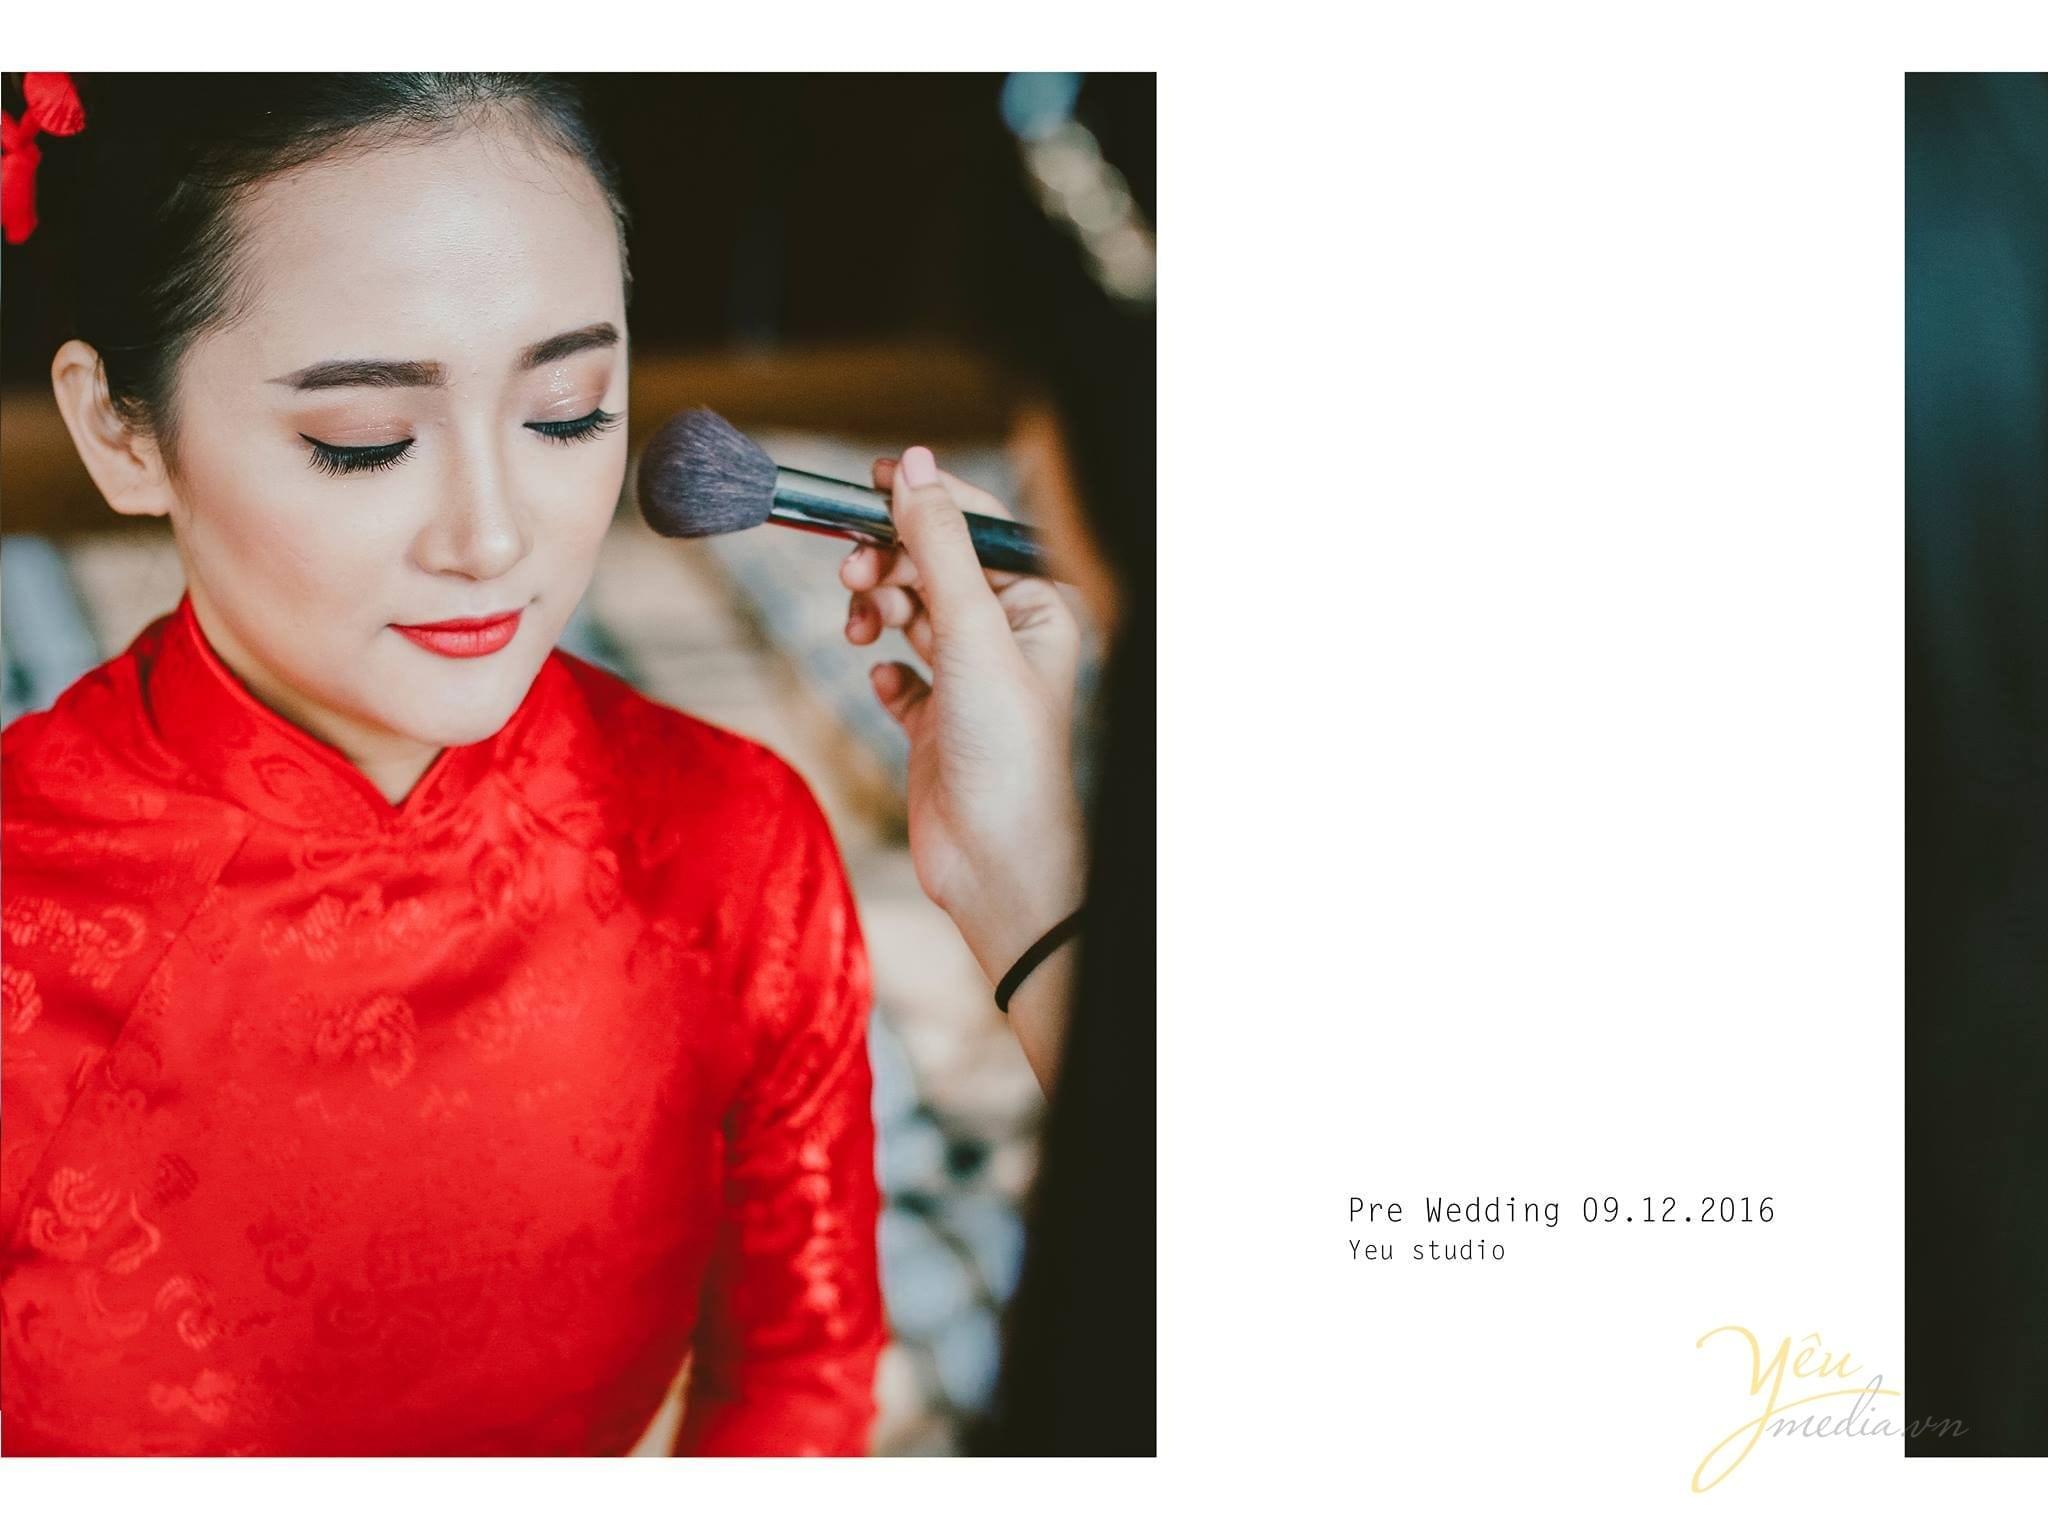 trang điểm cô dâu áo dài đỏ trước giờ đón dâu